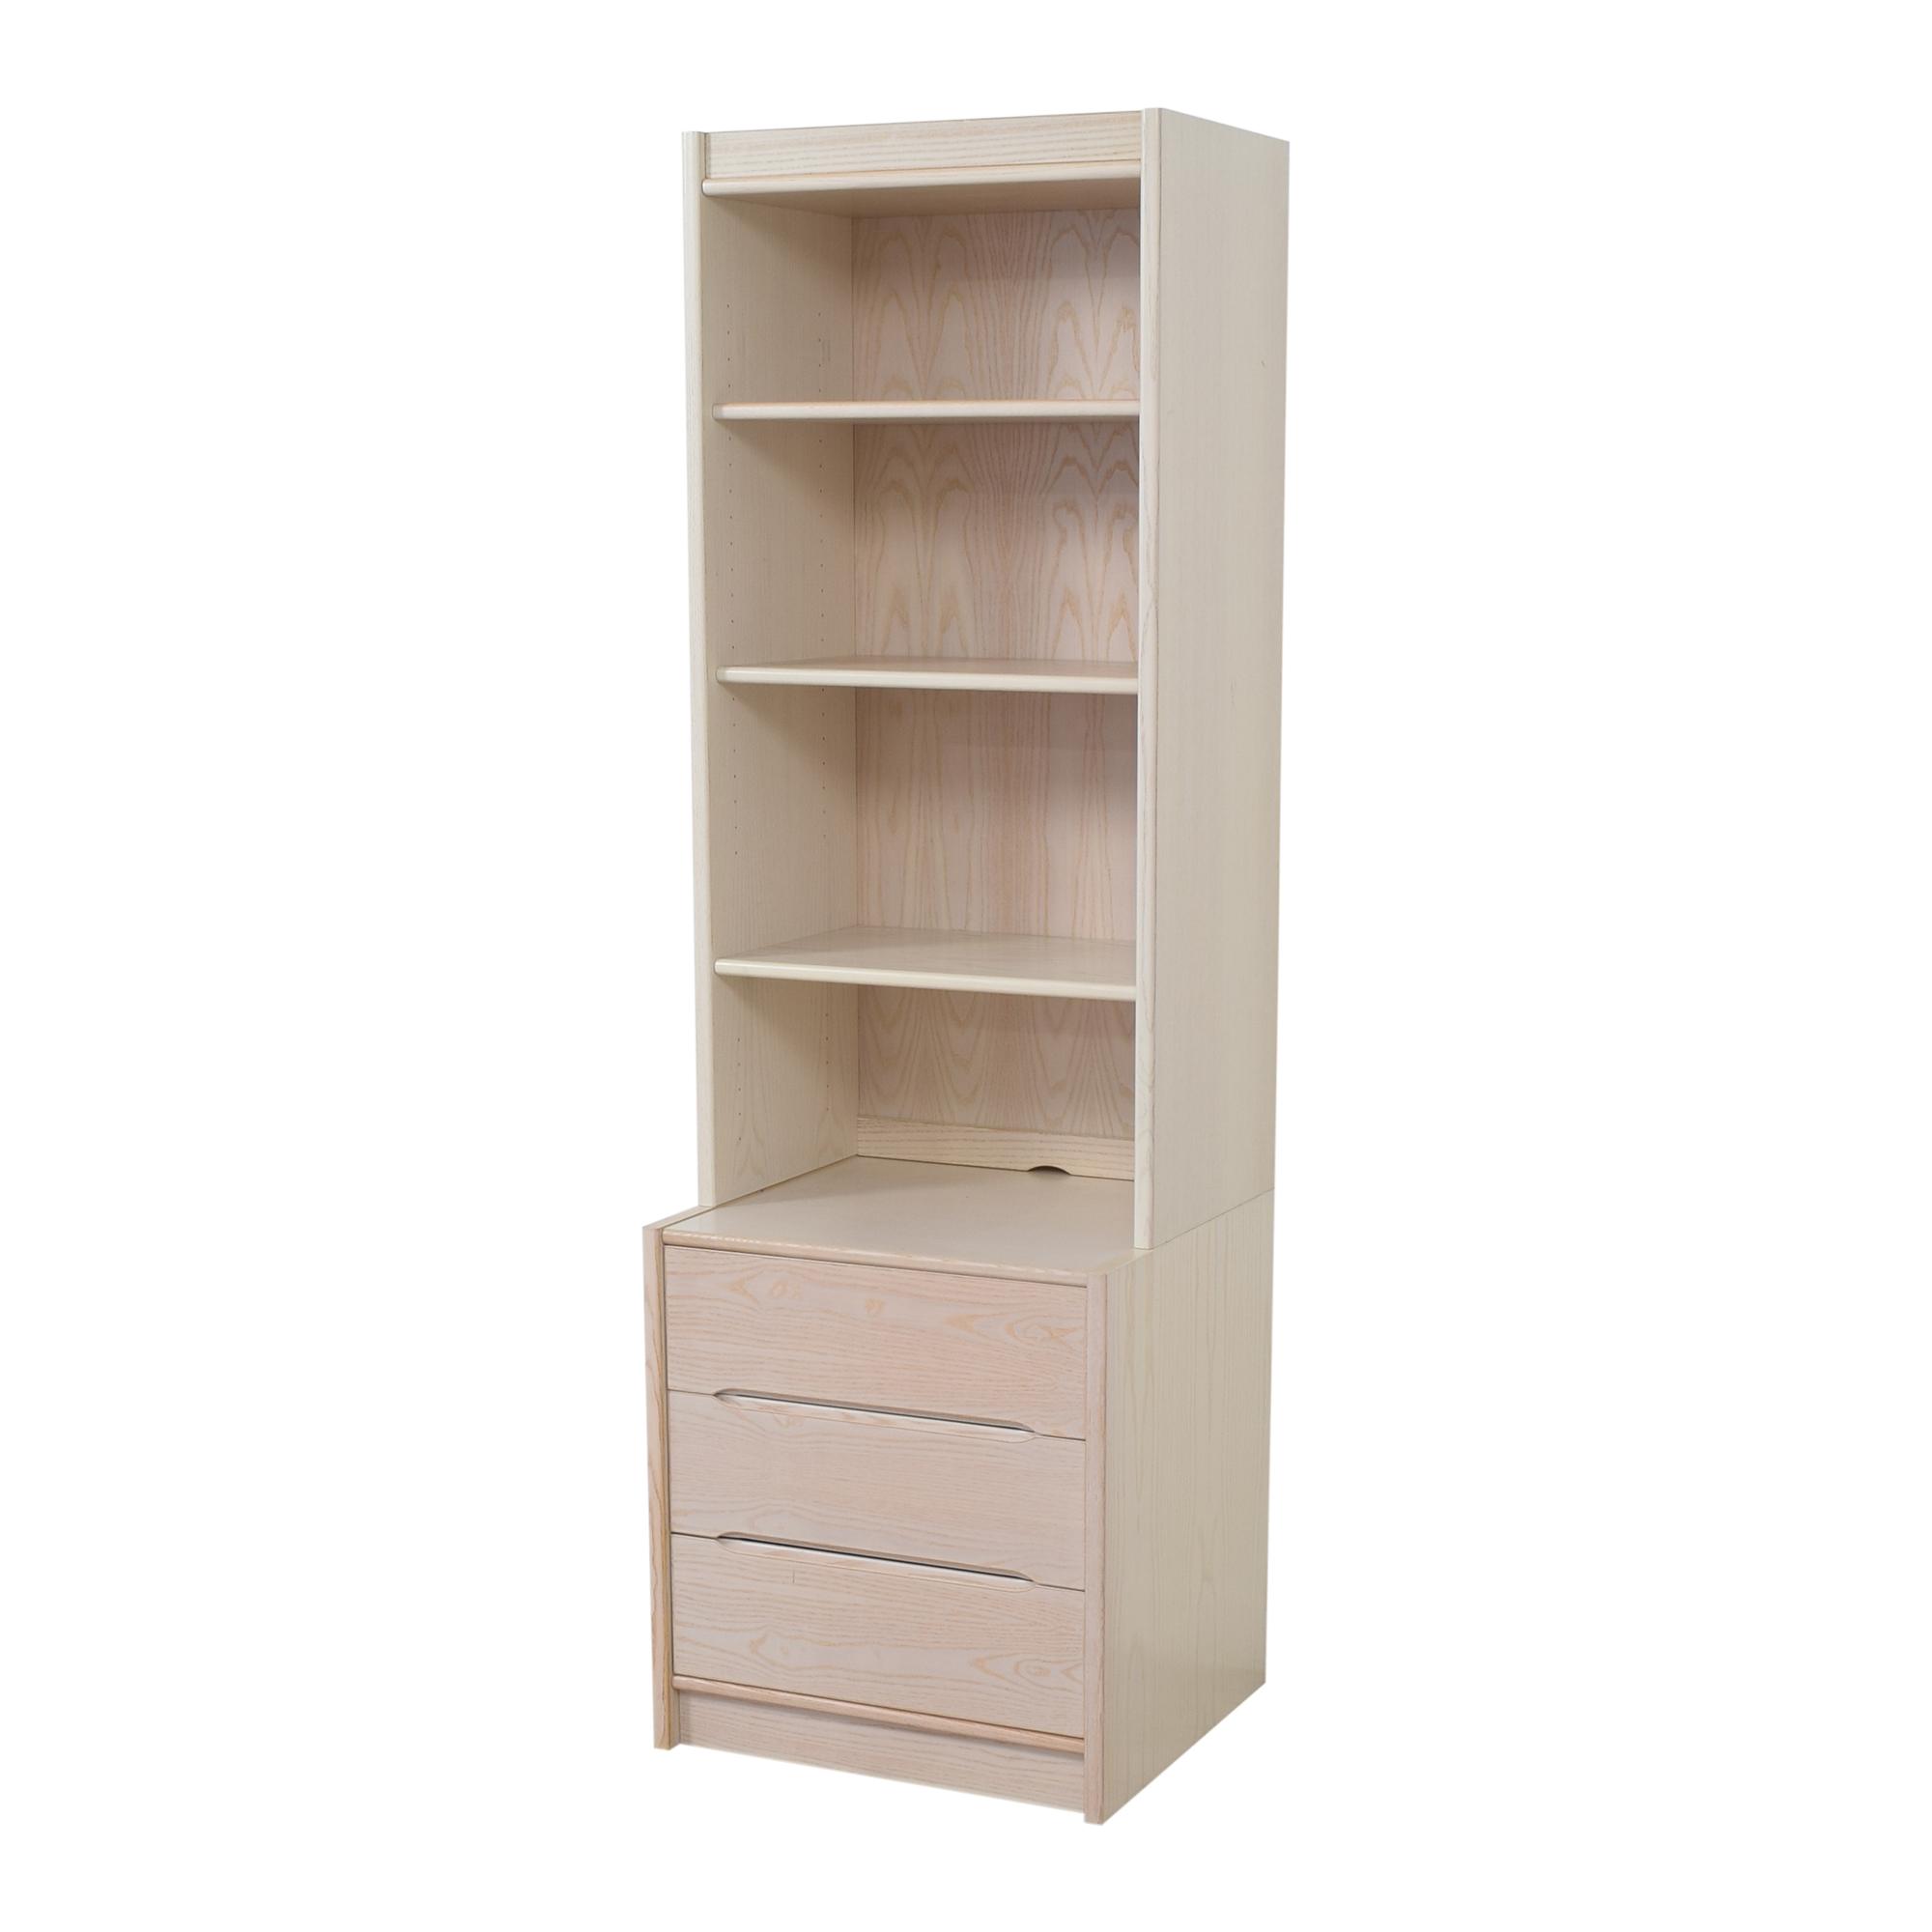 Door Store Door Store Bookcase with Three Drawers second hand